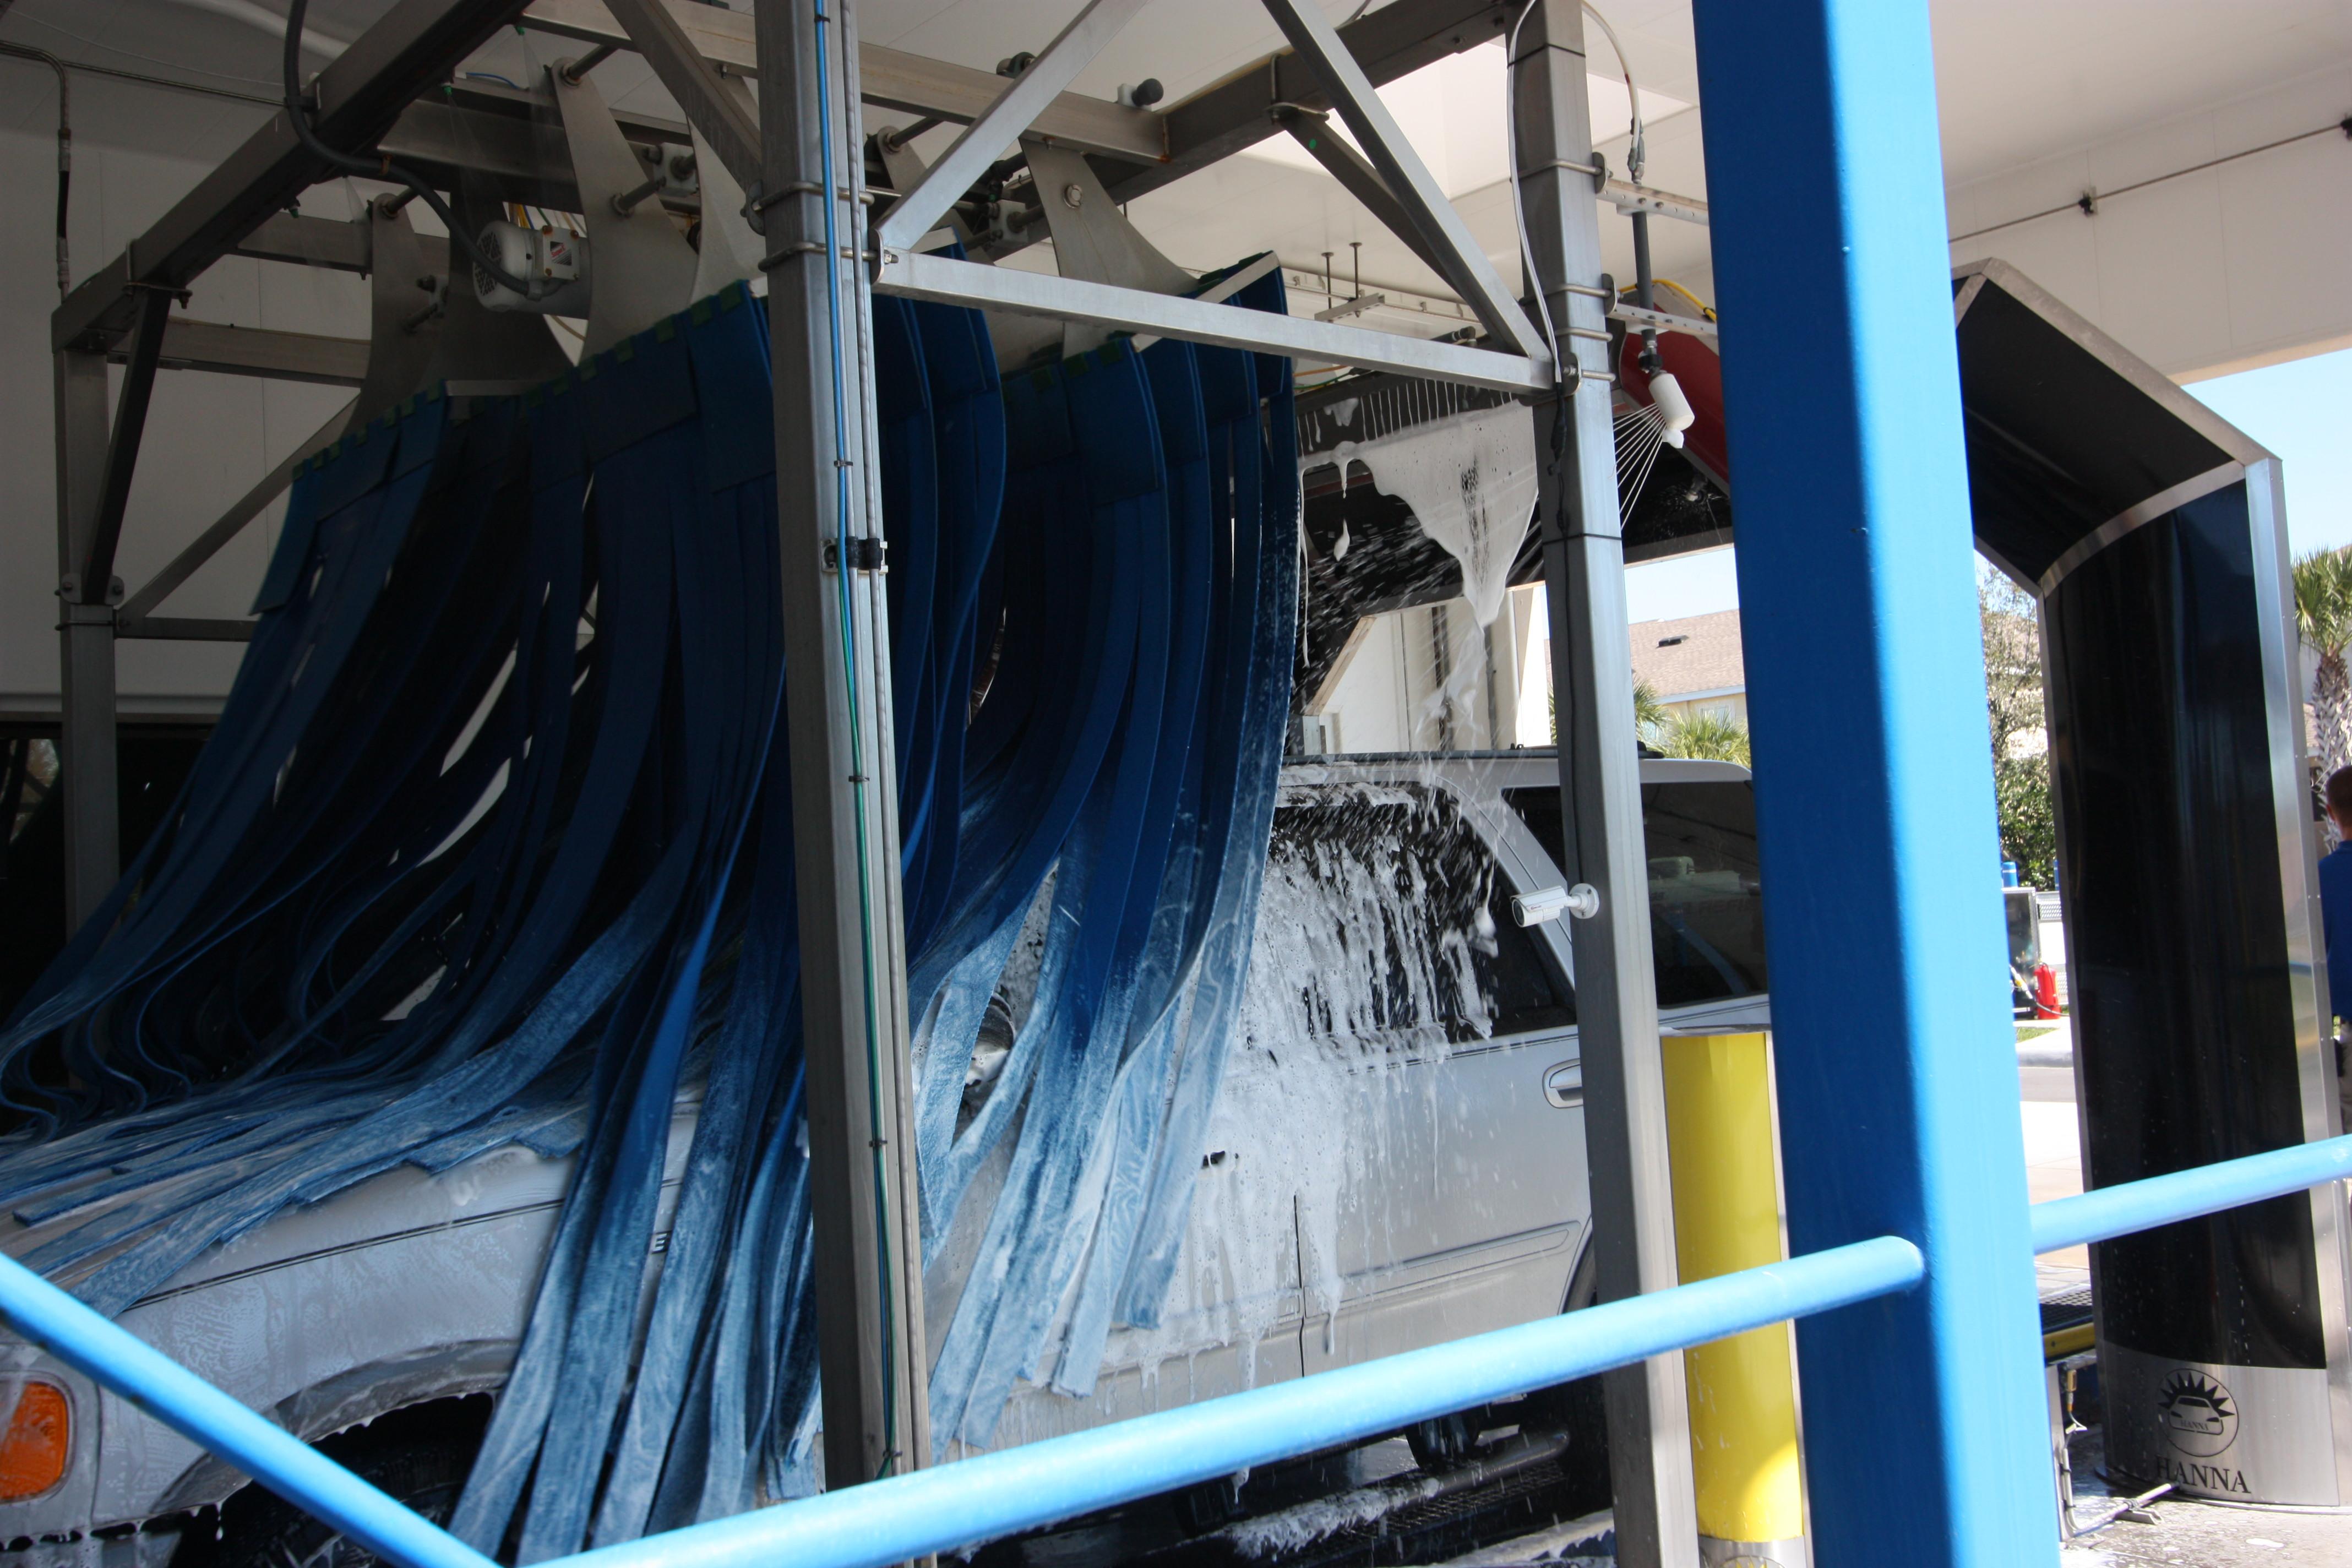 Car Dealers Birmingham >> Car Wash Locations Photos – Coleman Hanna Carwash Systems